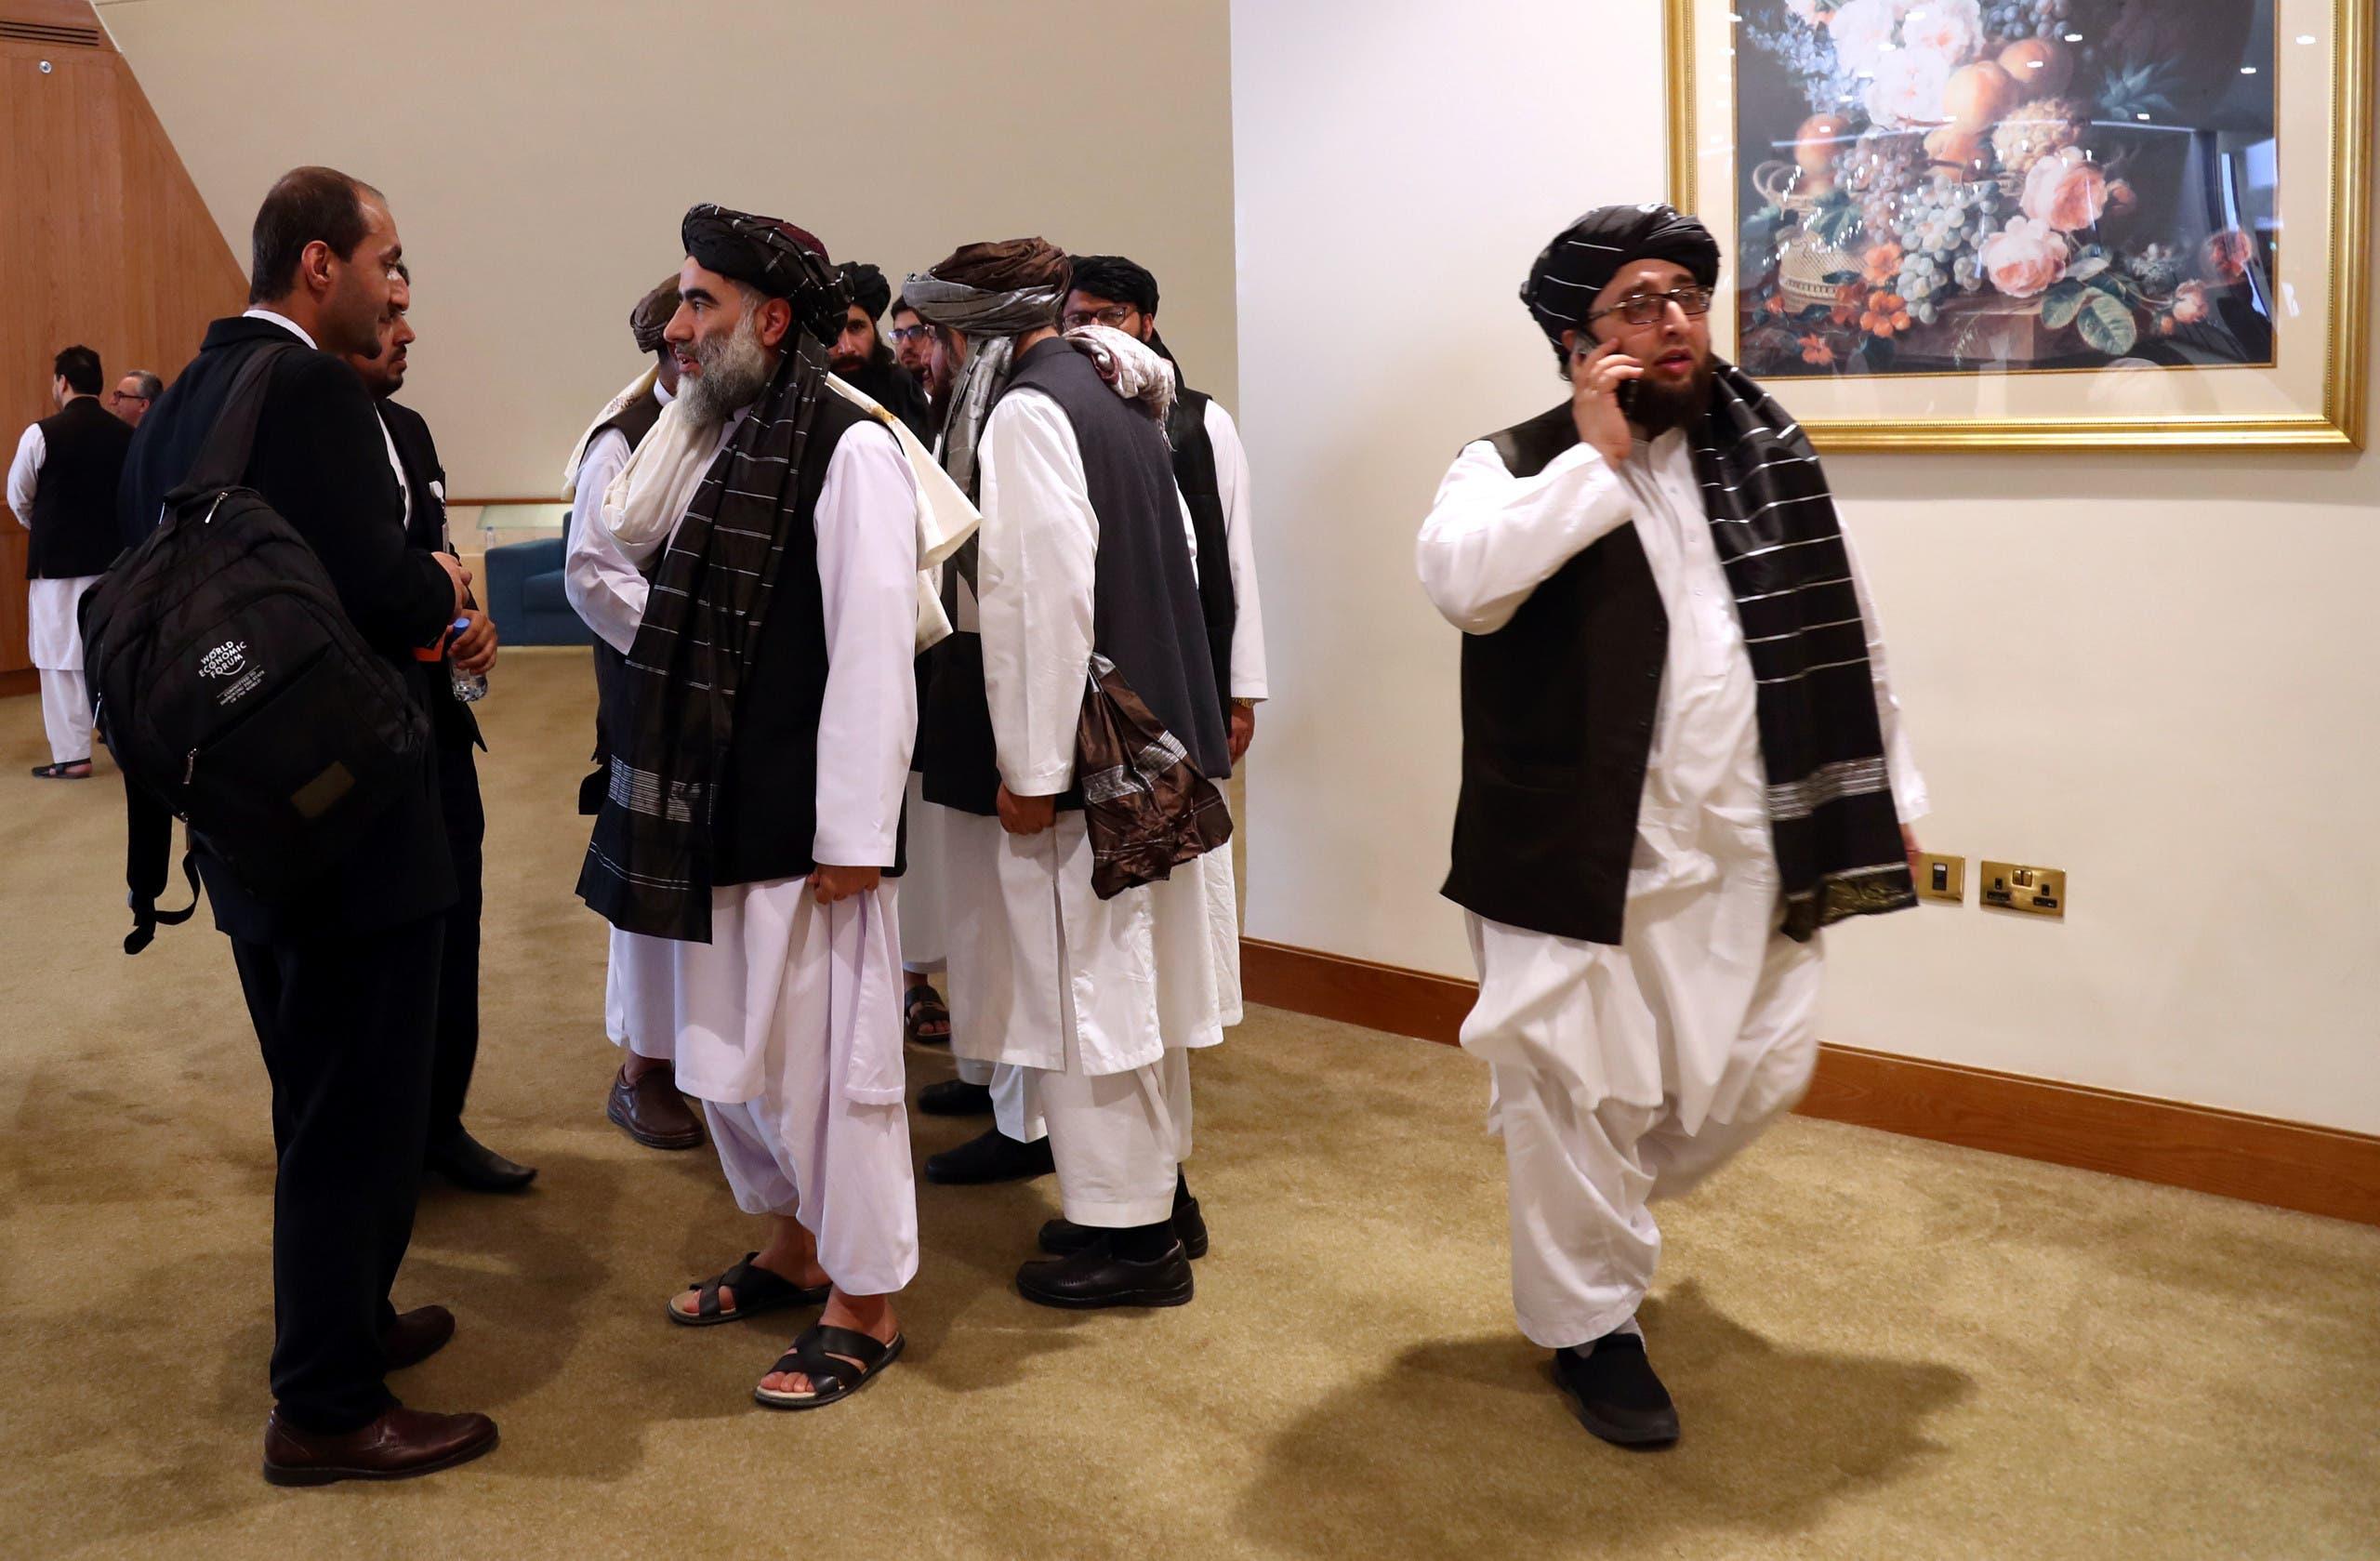 وفد من طالبان في الدوحة في 2020 قبيل توقيع اتفاق مع واشنطن (أرشيفية)